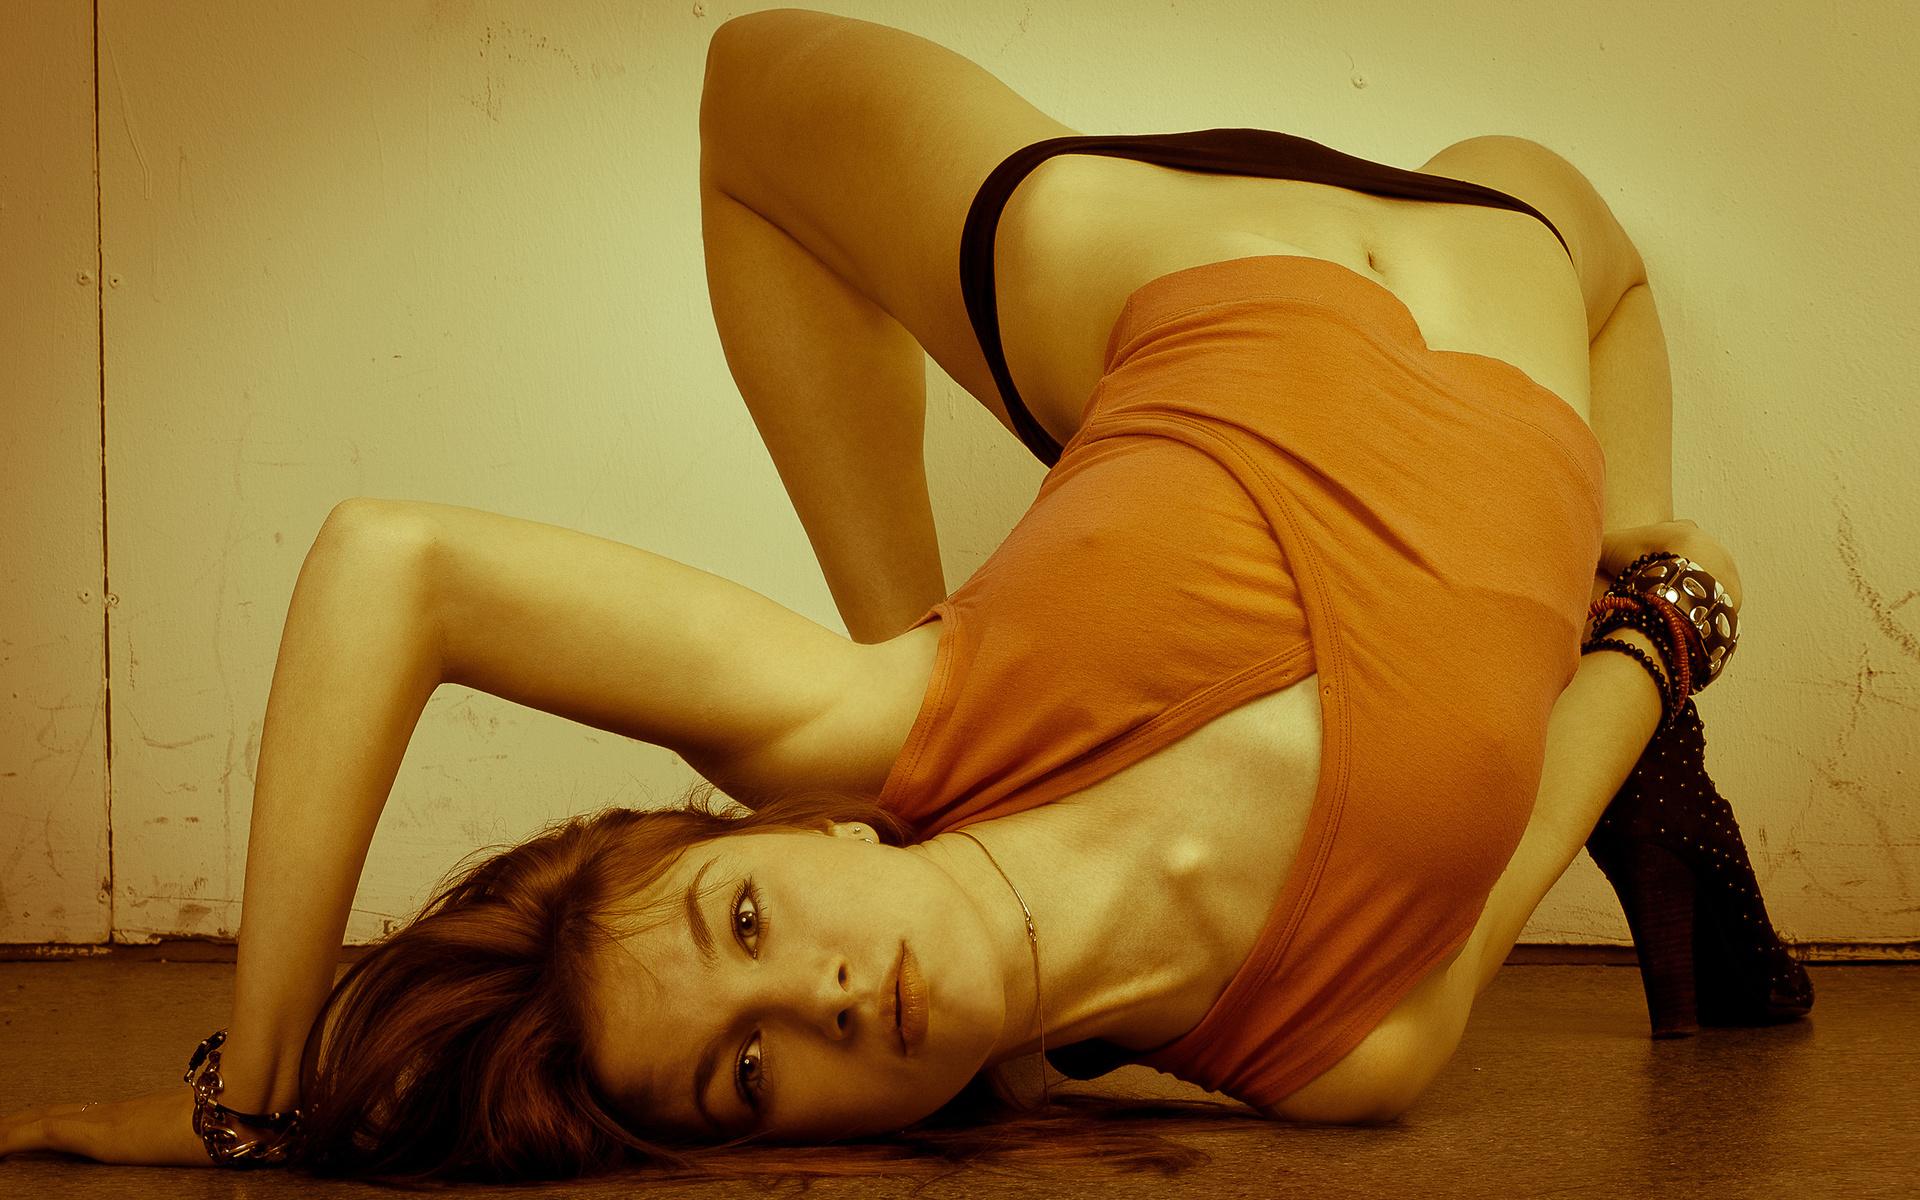 Сногсшибательная гибкость девушки 16 фотография